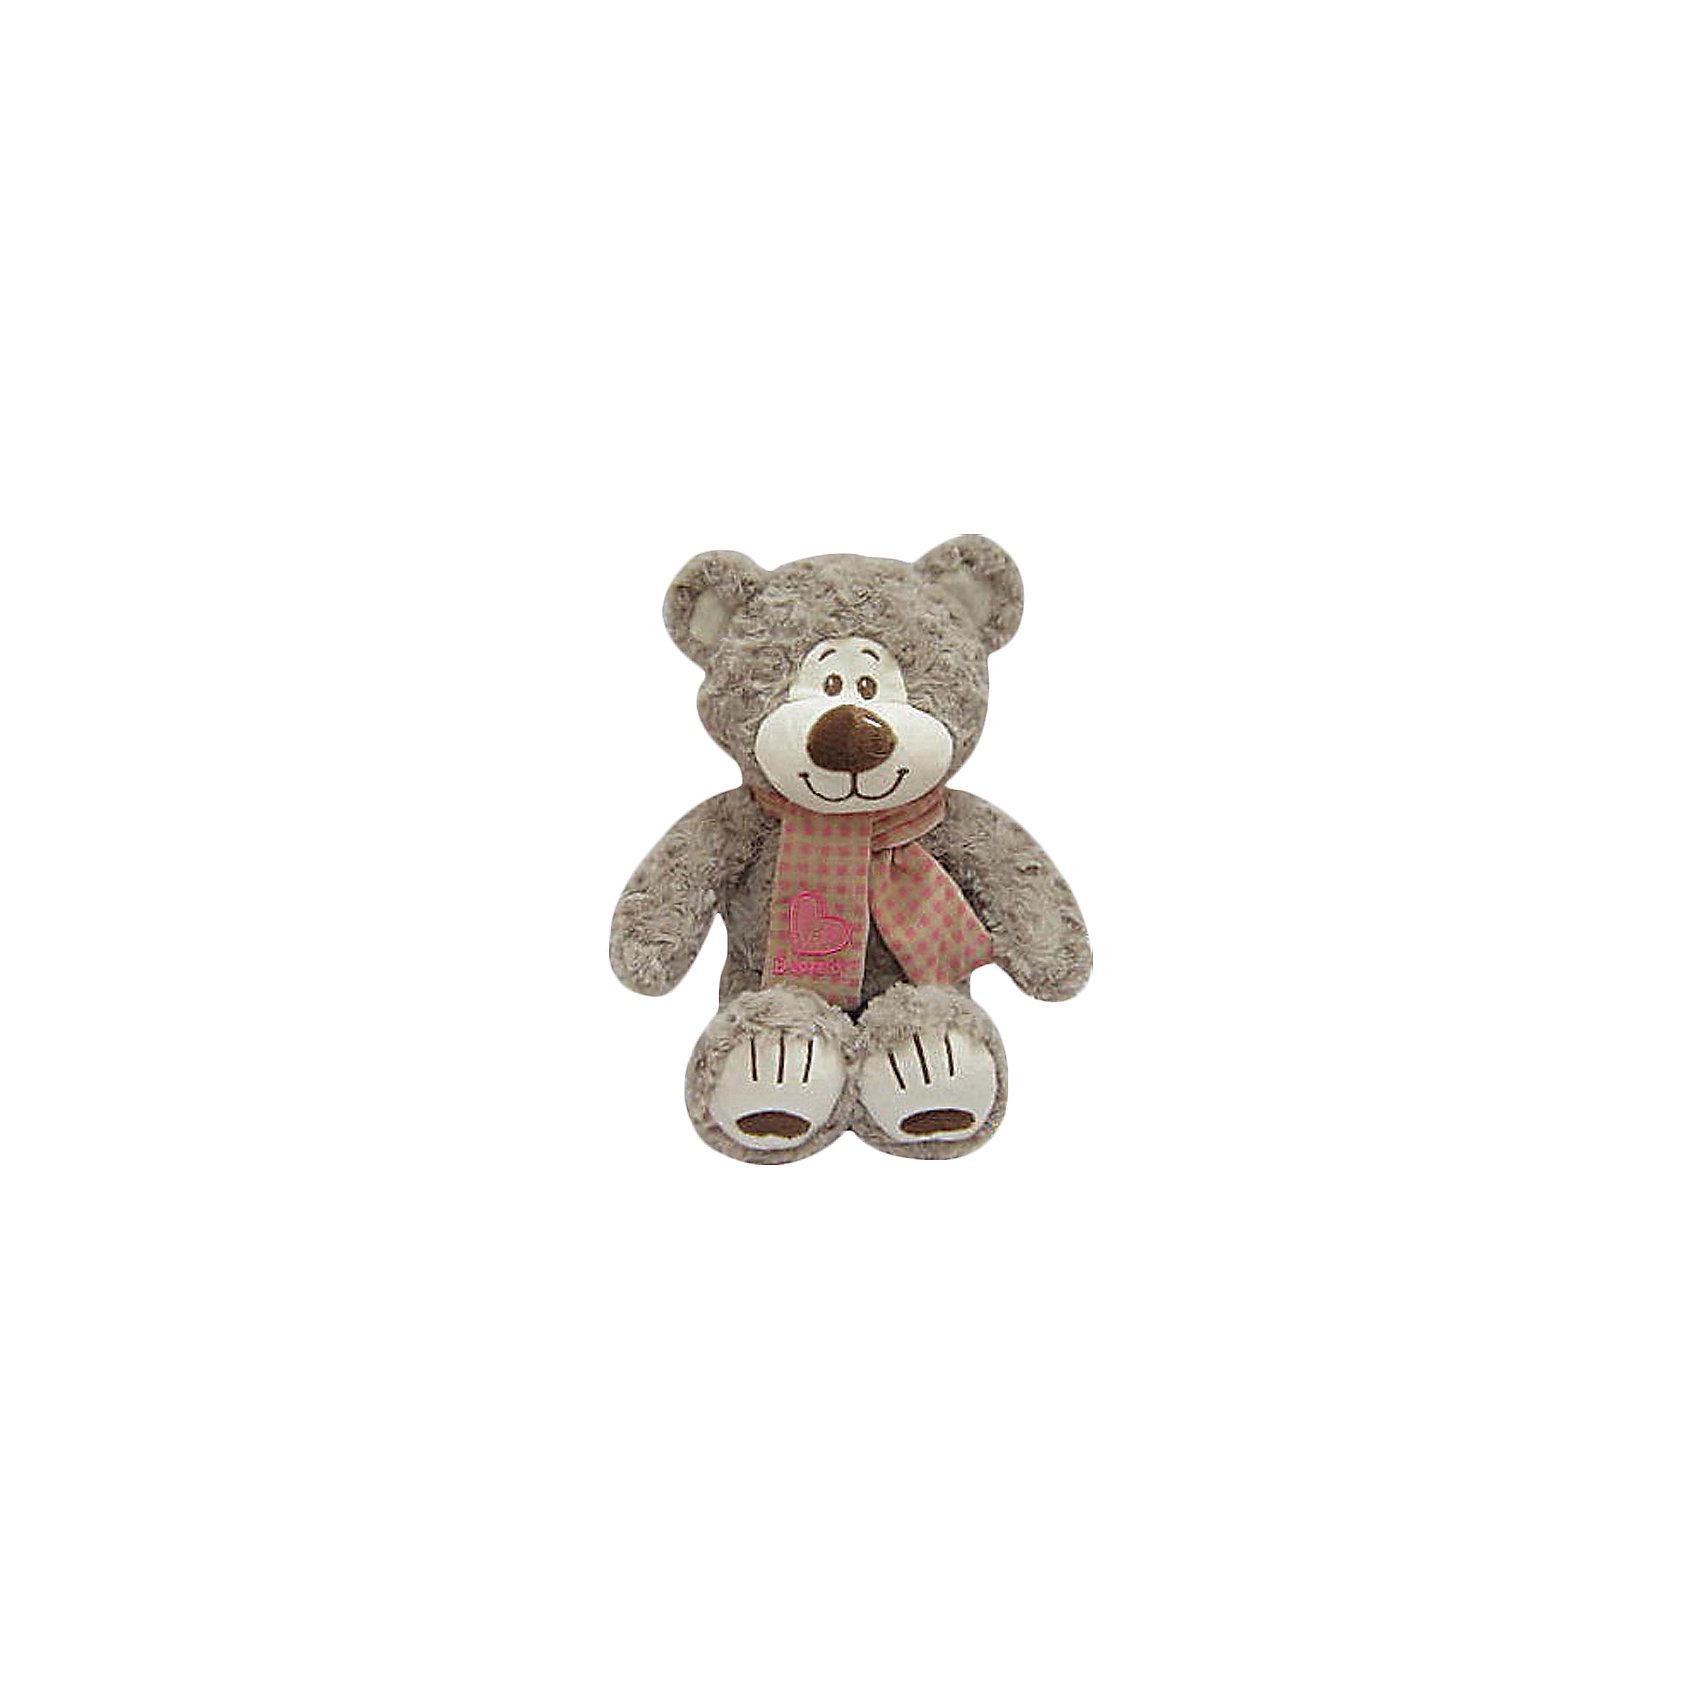 Мишка Митя с шарфом, бежевый, 25 см, Fluffy FamilyМедвежата<br>Мягкие игрушки – фавориты среди девчачьих игрушек. Приятный материал и милая форма игрушки понравится всем девочкам, любящим игрушечных пушистиков. Медвежонок – классический вариант для подарка, когда хочется показать свою нежность, испытываемую к получателю. Для самых маленьких медвежонок станет отличным компаньоном для сна в обнимку и настоящим другом, которому можно доверить все секреты. Материалы, использованные при изготовлении товара, абсолютно безопасны и отвечают всем международным требованиям по качеству.<br><br>Дополнительные характеристики:<br><br>материал: искусственный мех;<br>цвет: бежевый;<br>габариты: 25 см.<br><br>Мишку «Митя с шарфом» от компании Fluffy Family можно приобрести в нашем магазине.<br><br>Ширина мм: 620<br>Глубина мм: 580<br>Высота мм: 450<br>Вес г: 181<br>Возраст от месяцев: 36<br>Возраст до месяцев: 96<br>Пол: Унисекс<br>Возраст: Детский<br>SKU: 5032478